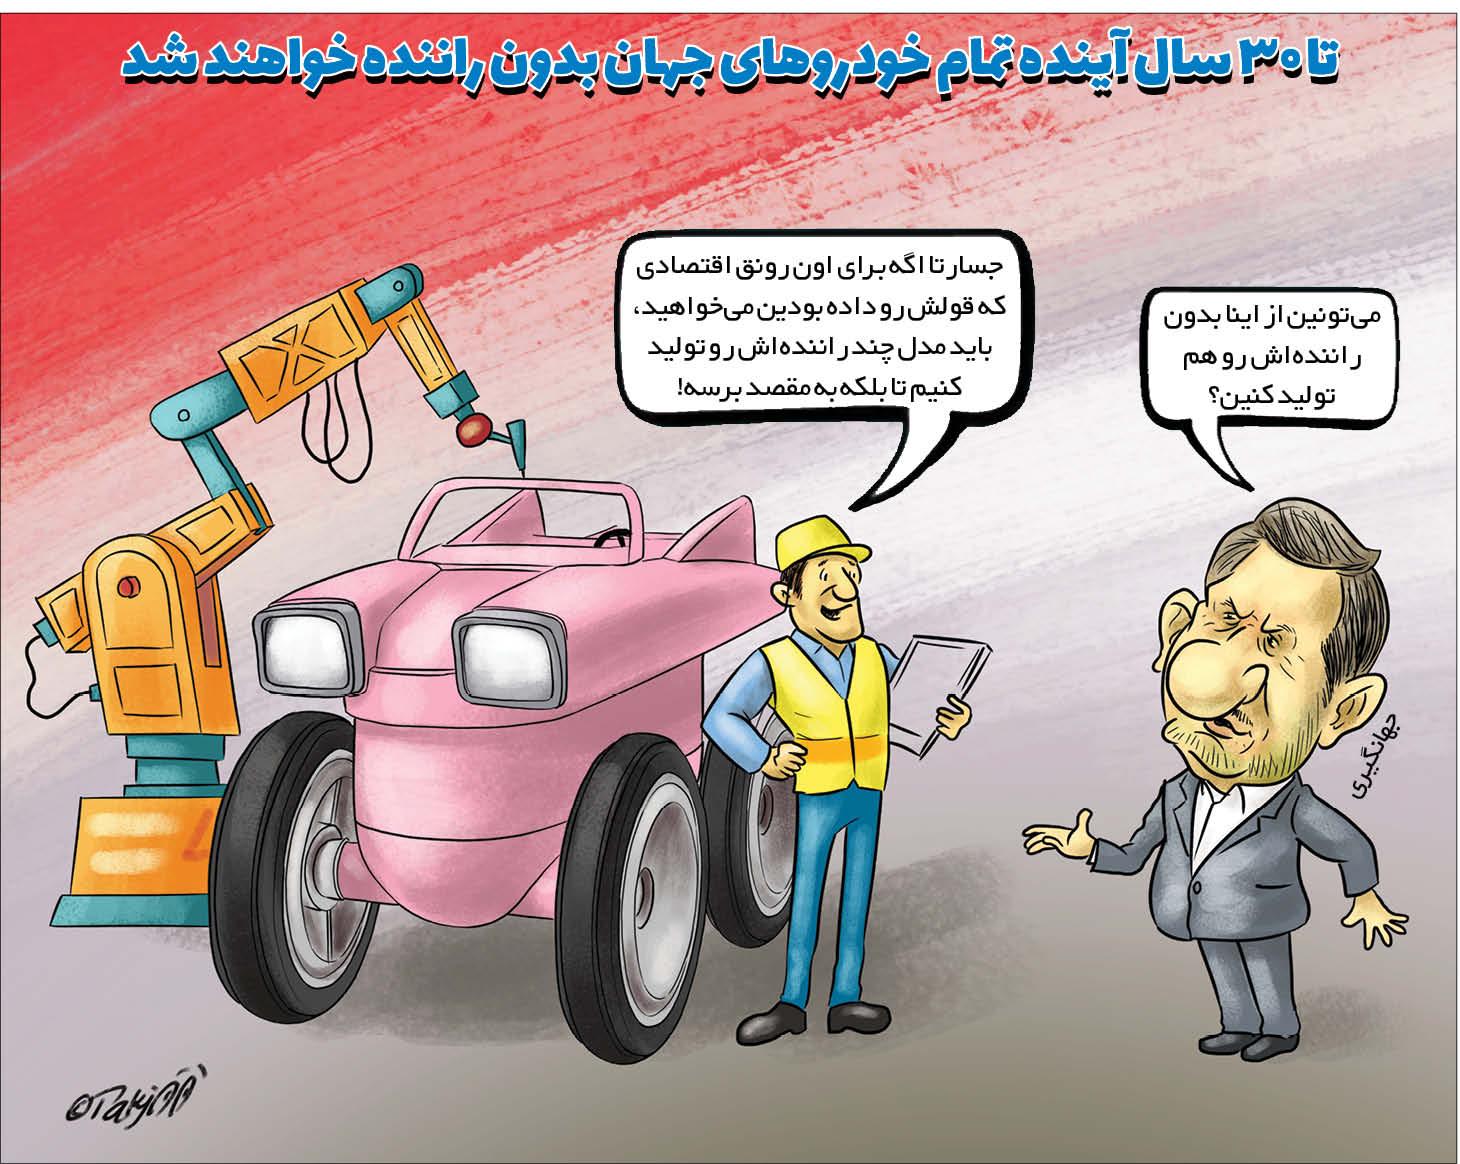 تولید خودروی بدون راننده در ایران! + عکس